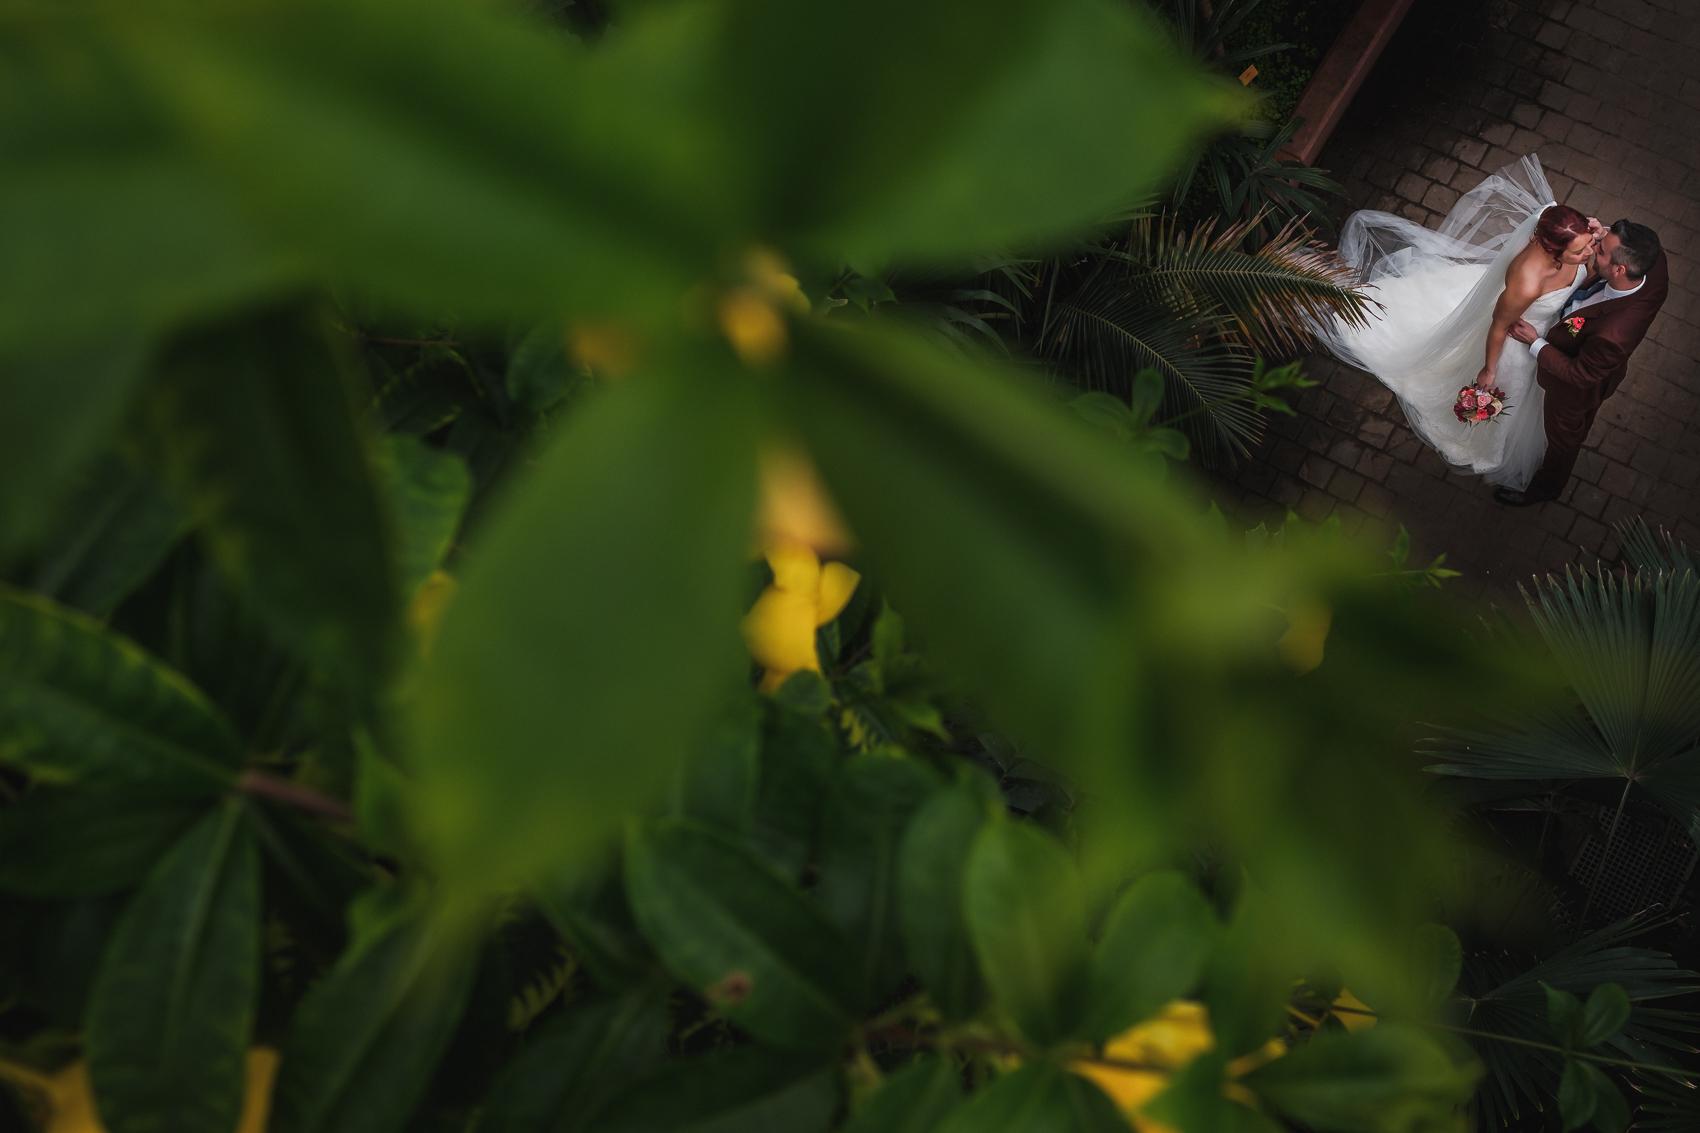 iso800 - huwelijksfotograaf katrien bart park west antwerpen-21.jpg